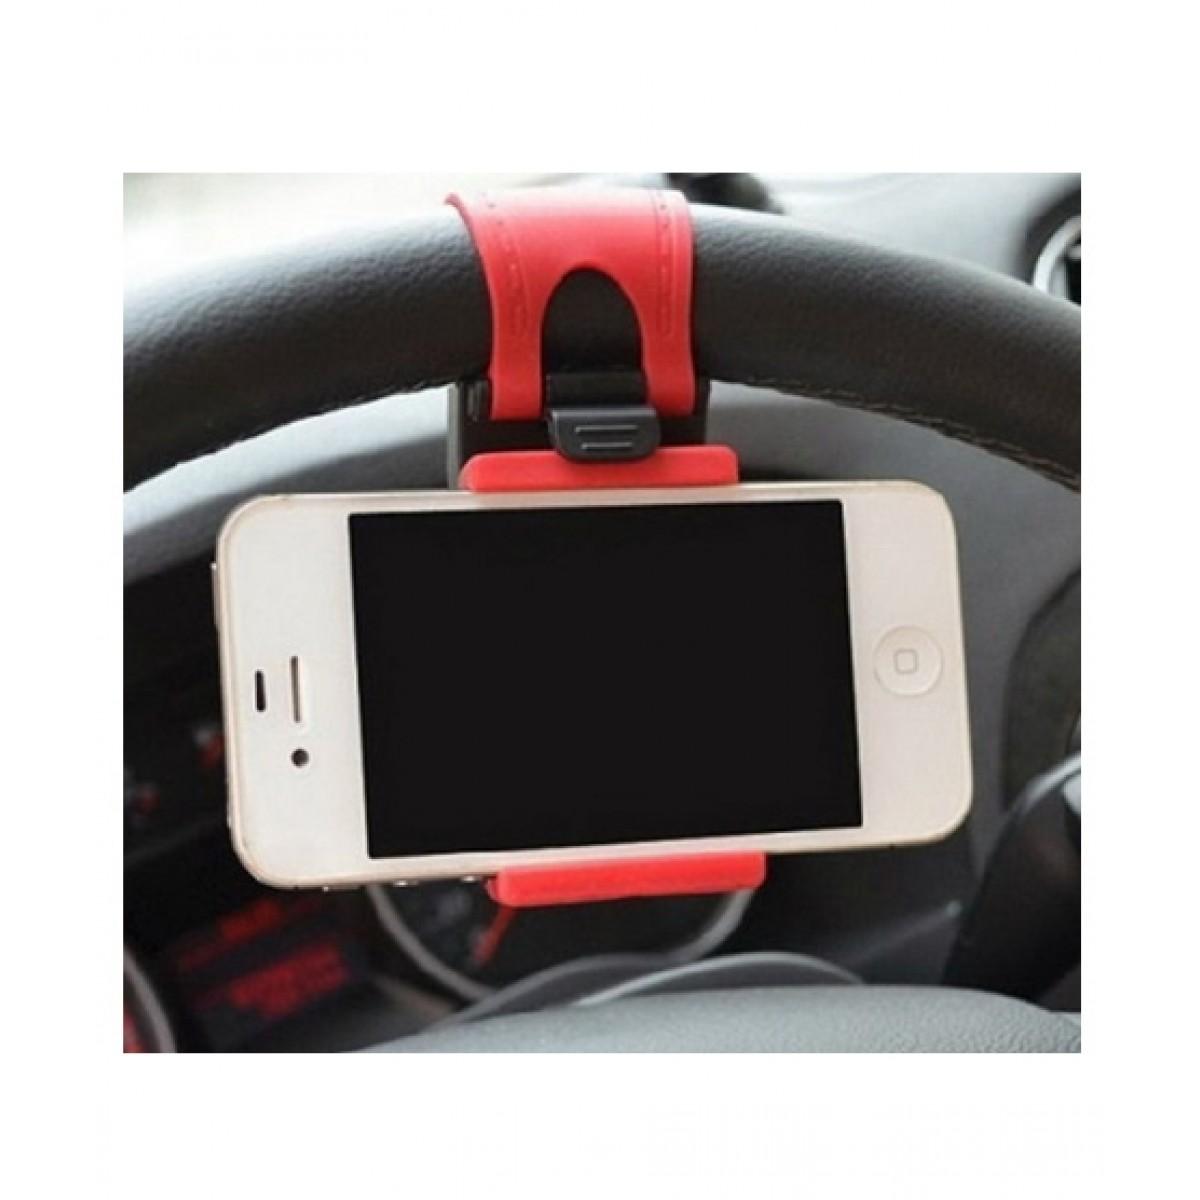 ORO Store Car Steering Wheel Mobile Holder